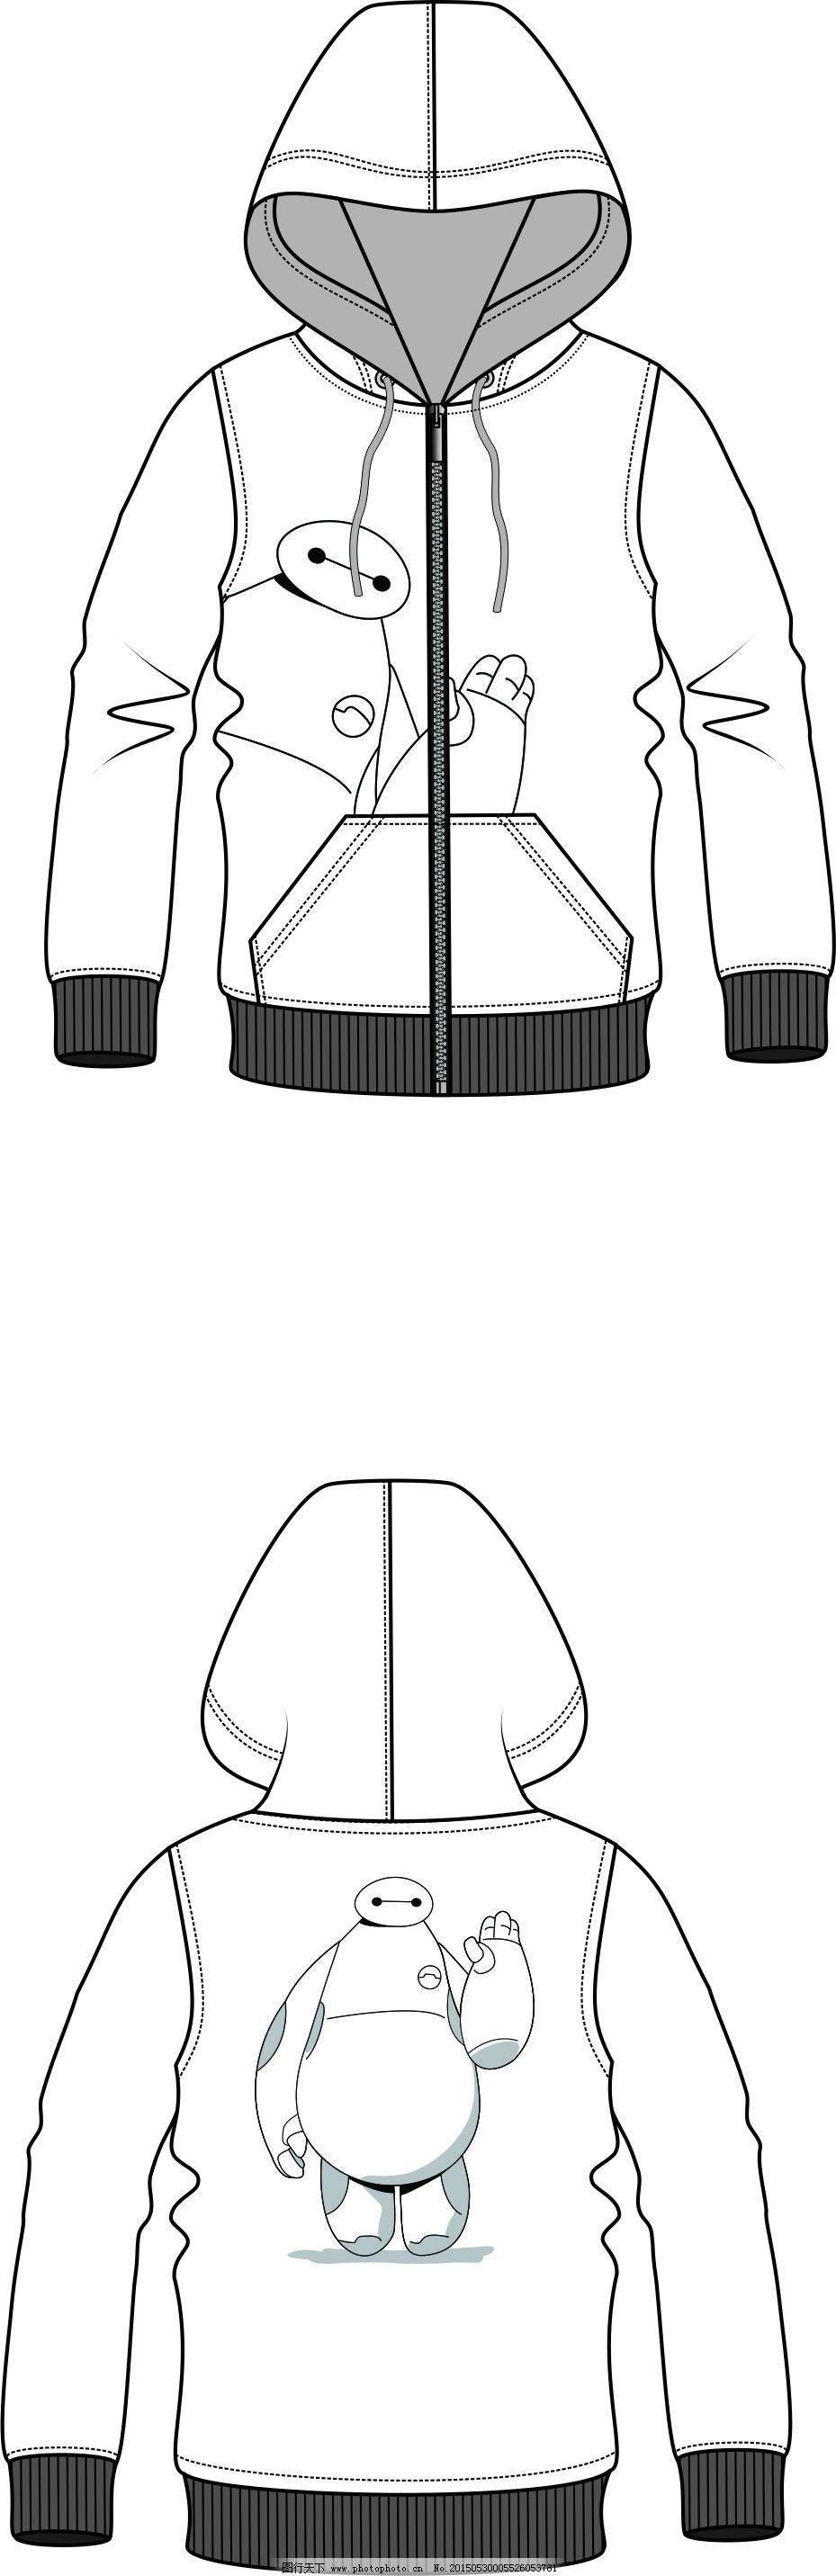 卫衣模板免费下载 cdr格式 服装设计 卫衣模板 服装设计 卫衣模板 cdr